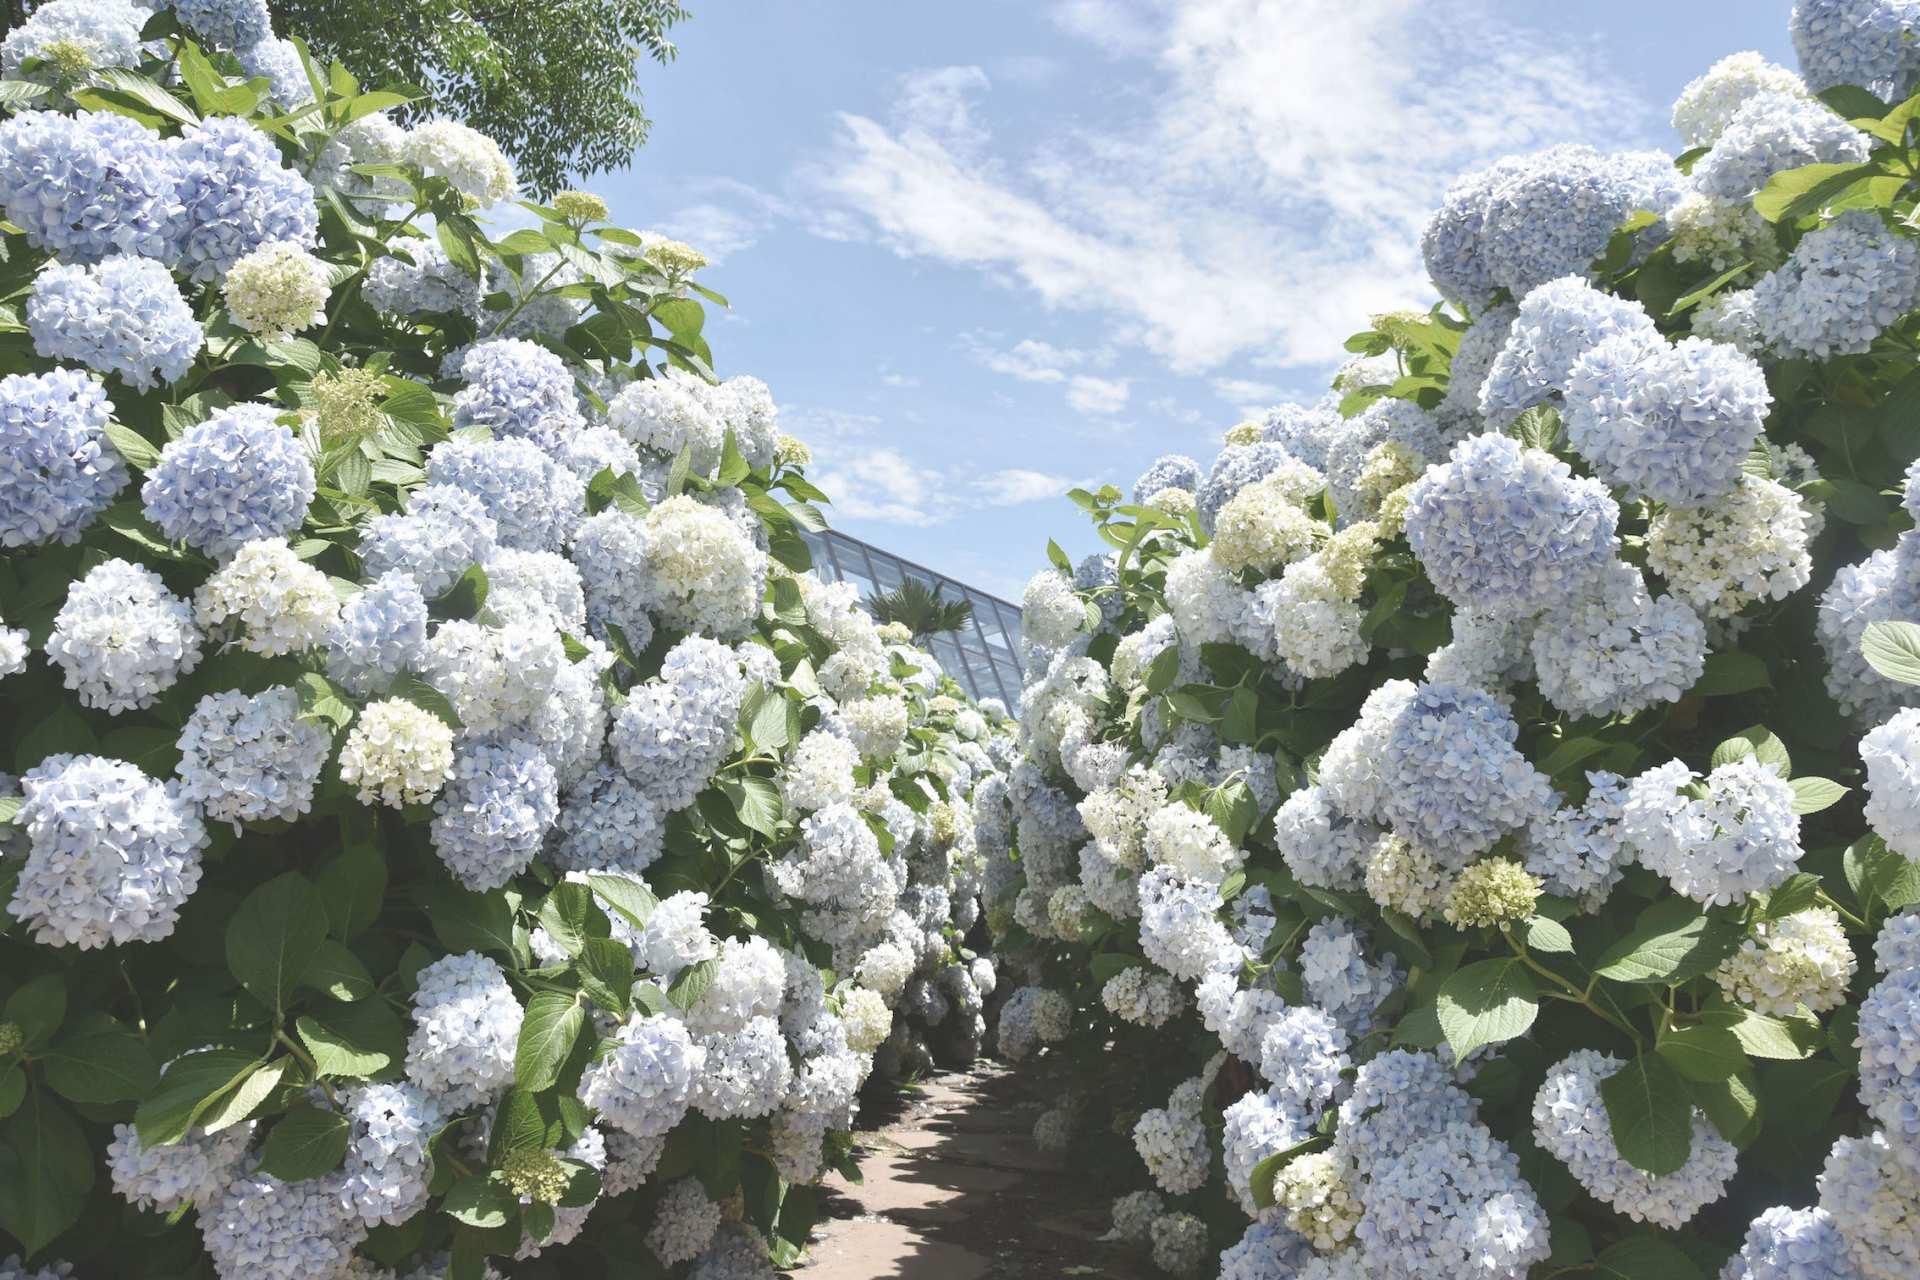 【濟州外拍私房景點】山茶花之丘(Camellia Hill)門票